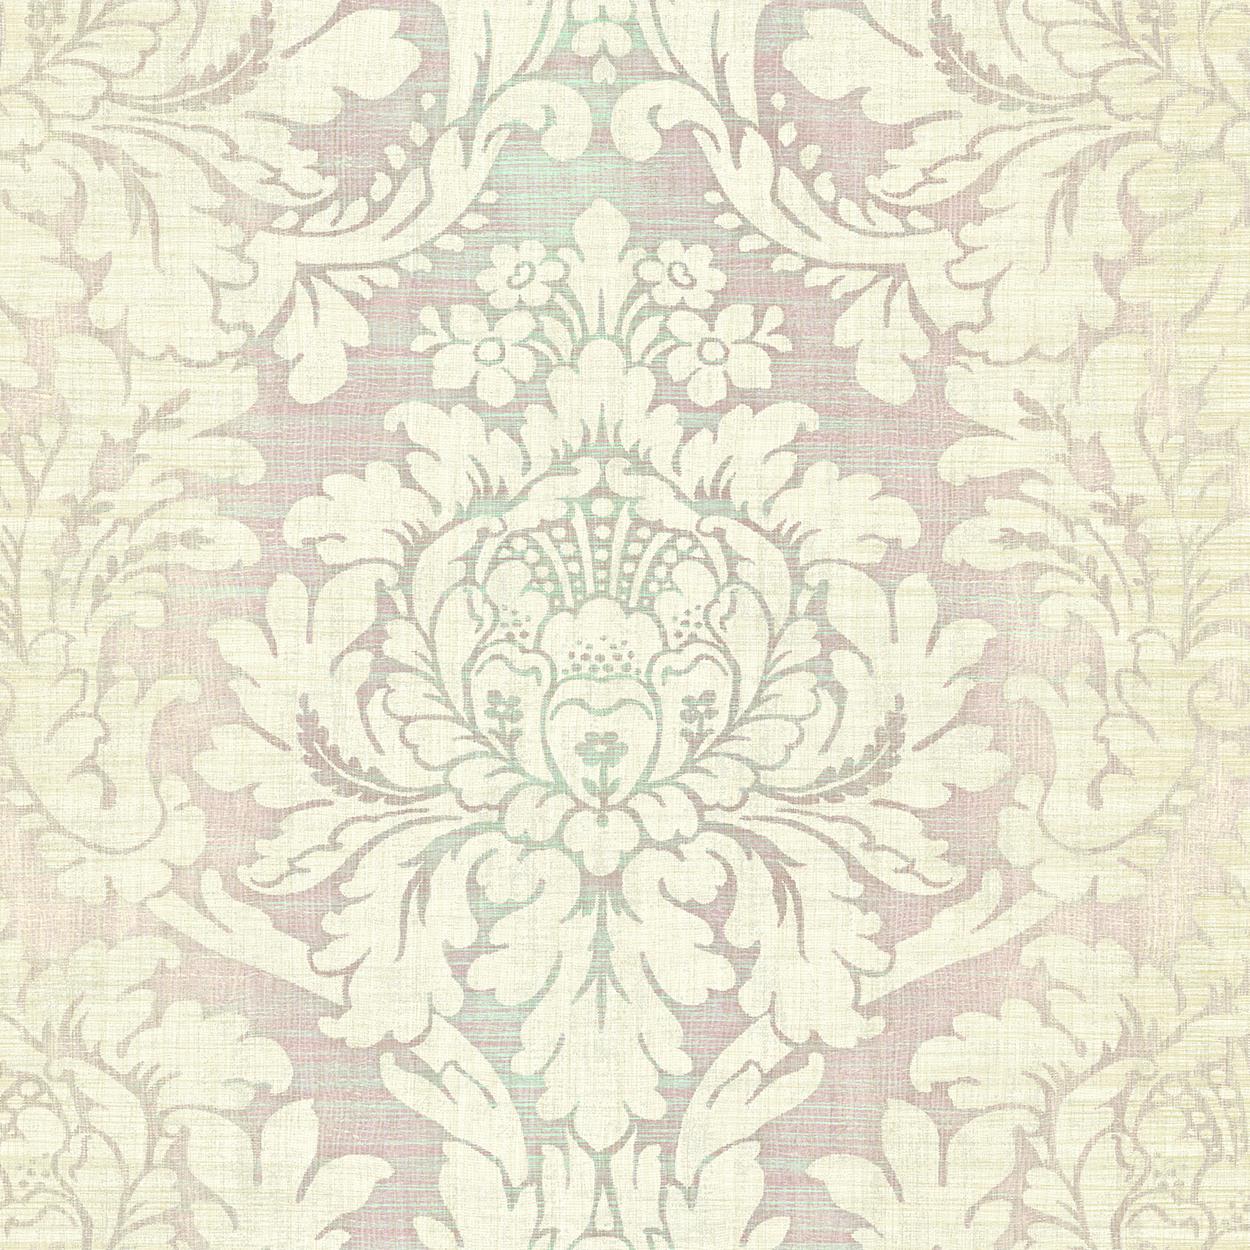 کاغذدیواری طرح دار لاکچری رنگ ملایم از آلبوم داماسک فولیو برند سیبروک آمریکا 30409